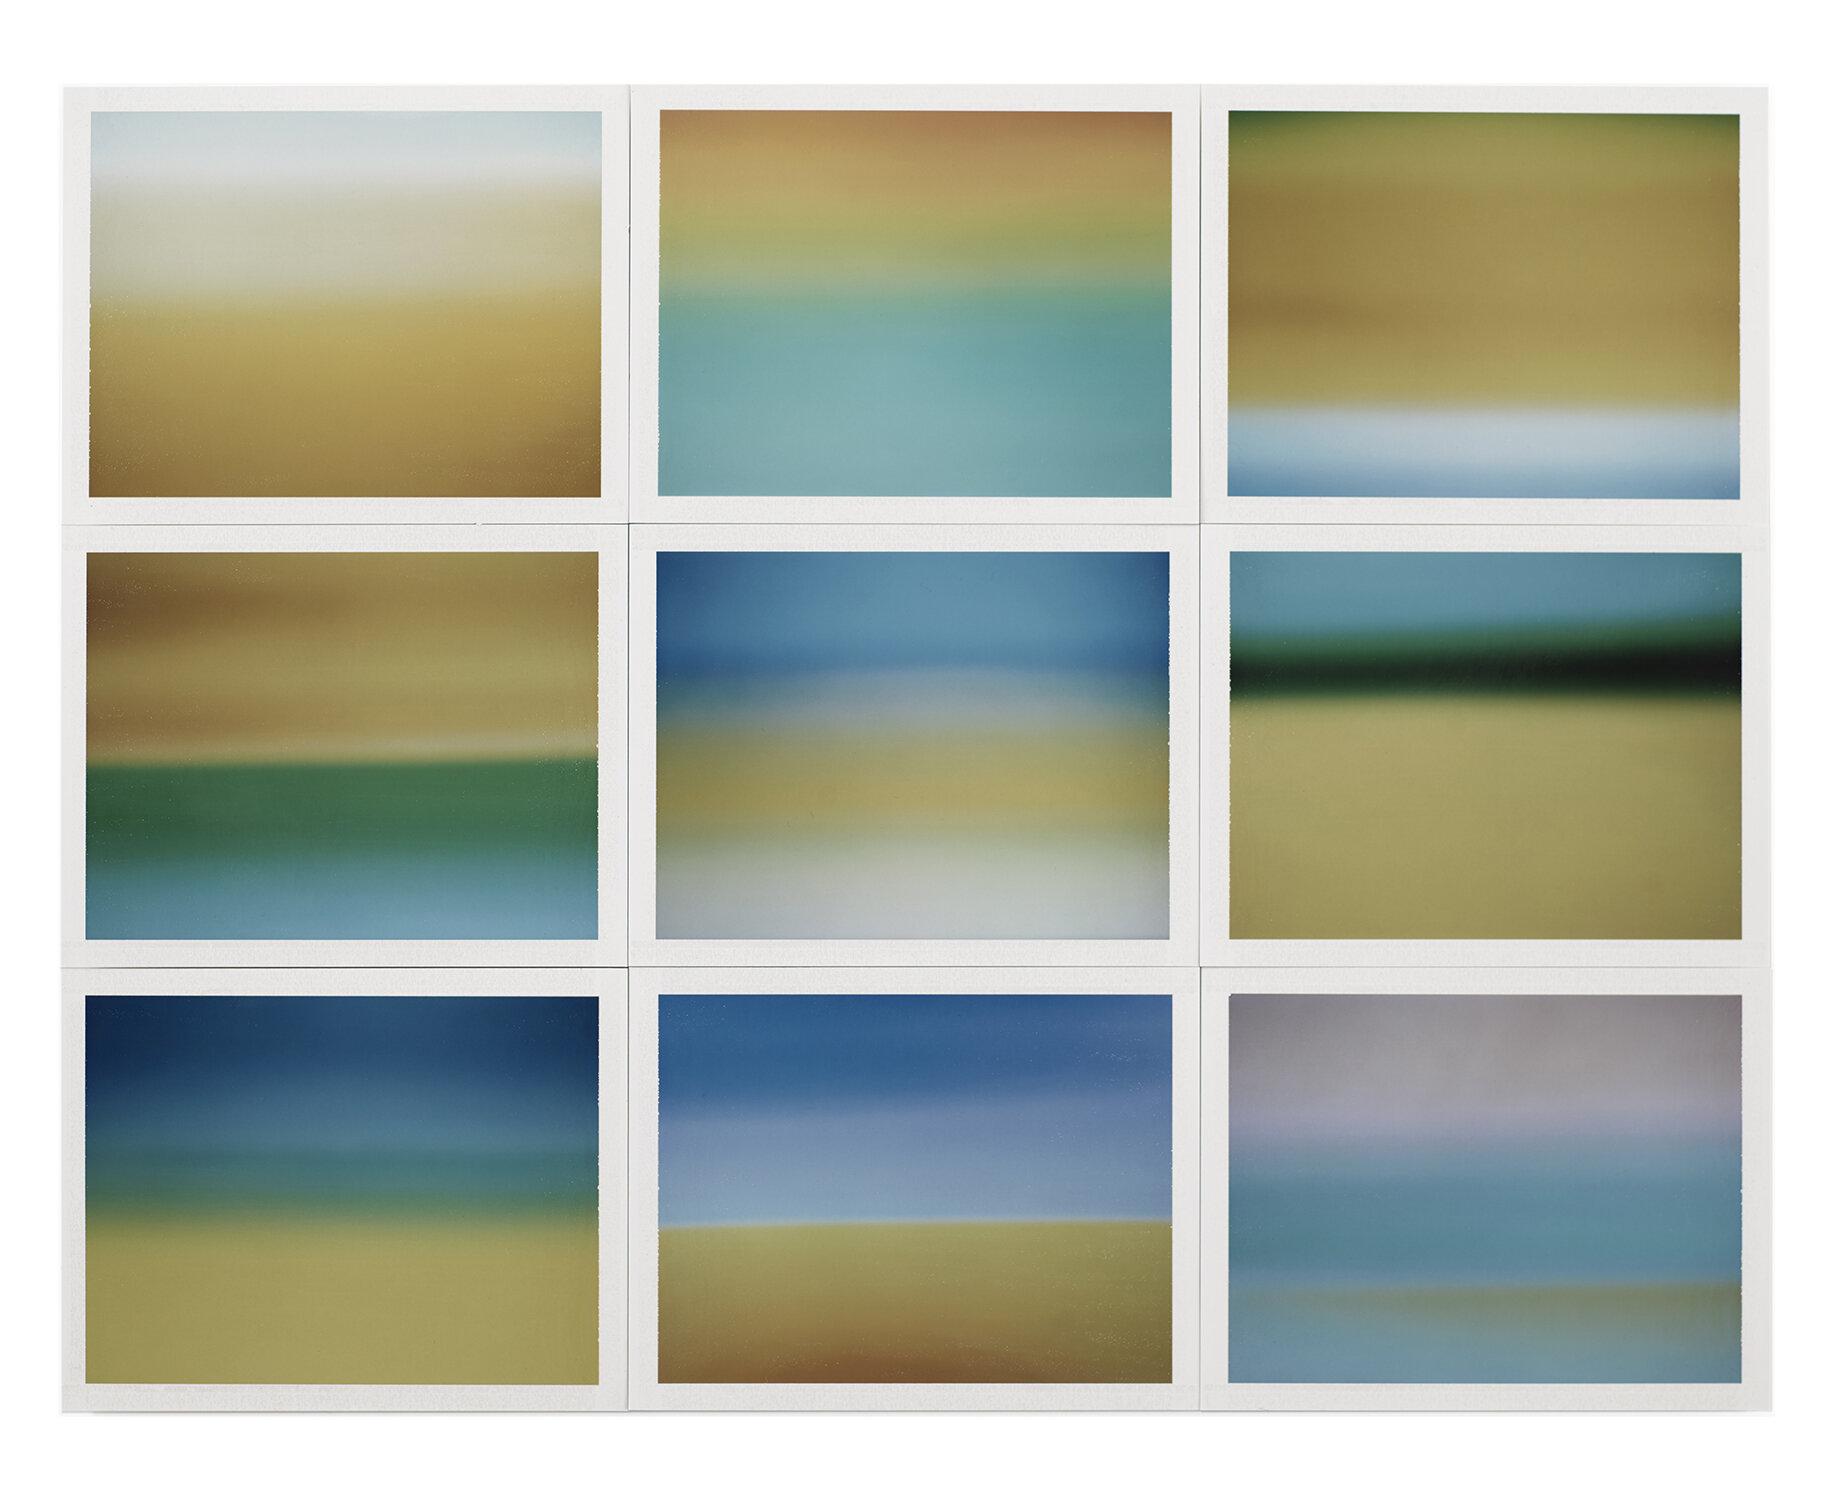 Thomas Paquet - Horizon, étude couleur #4, 2015